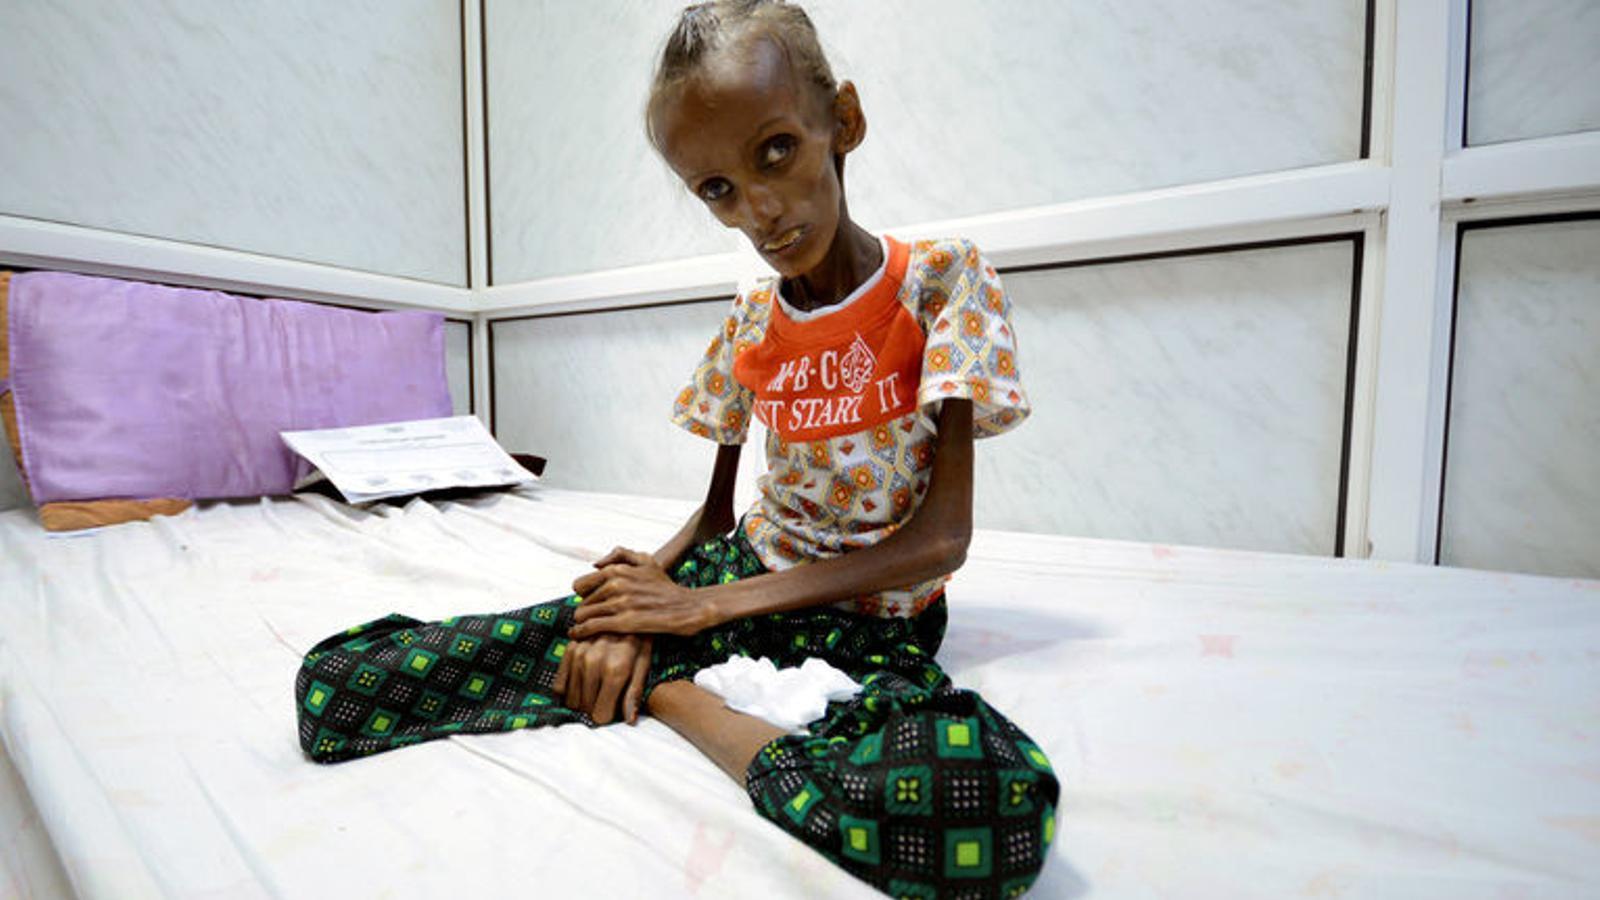 Fotogaleria: Sortir de la malnutrició severa al Iemen